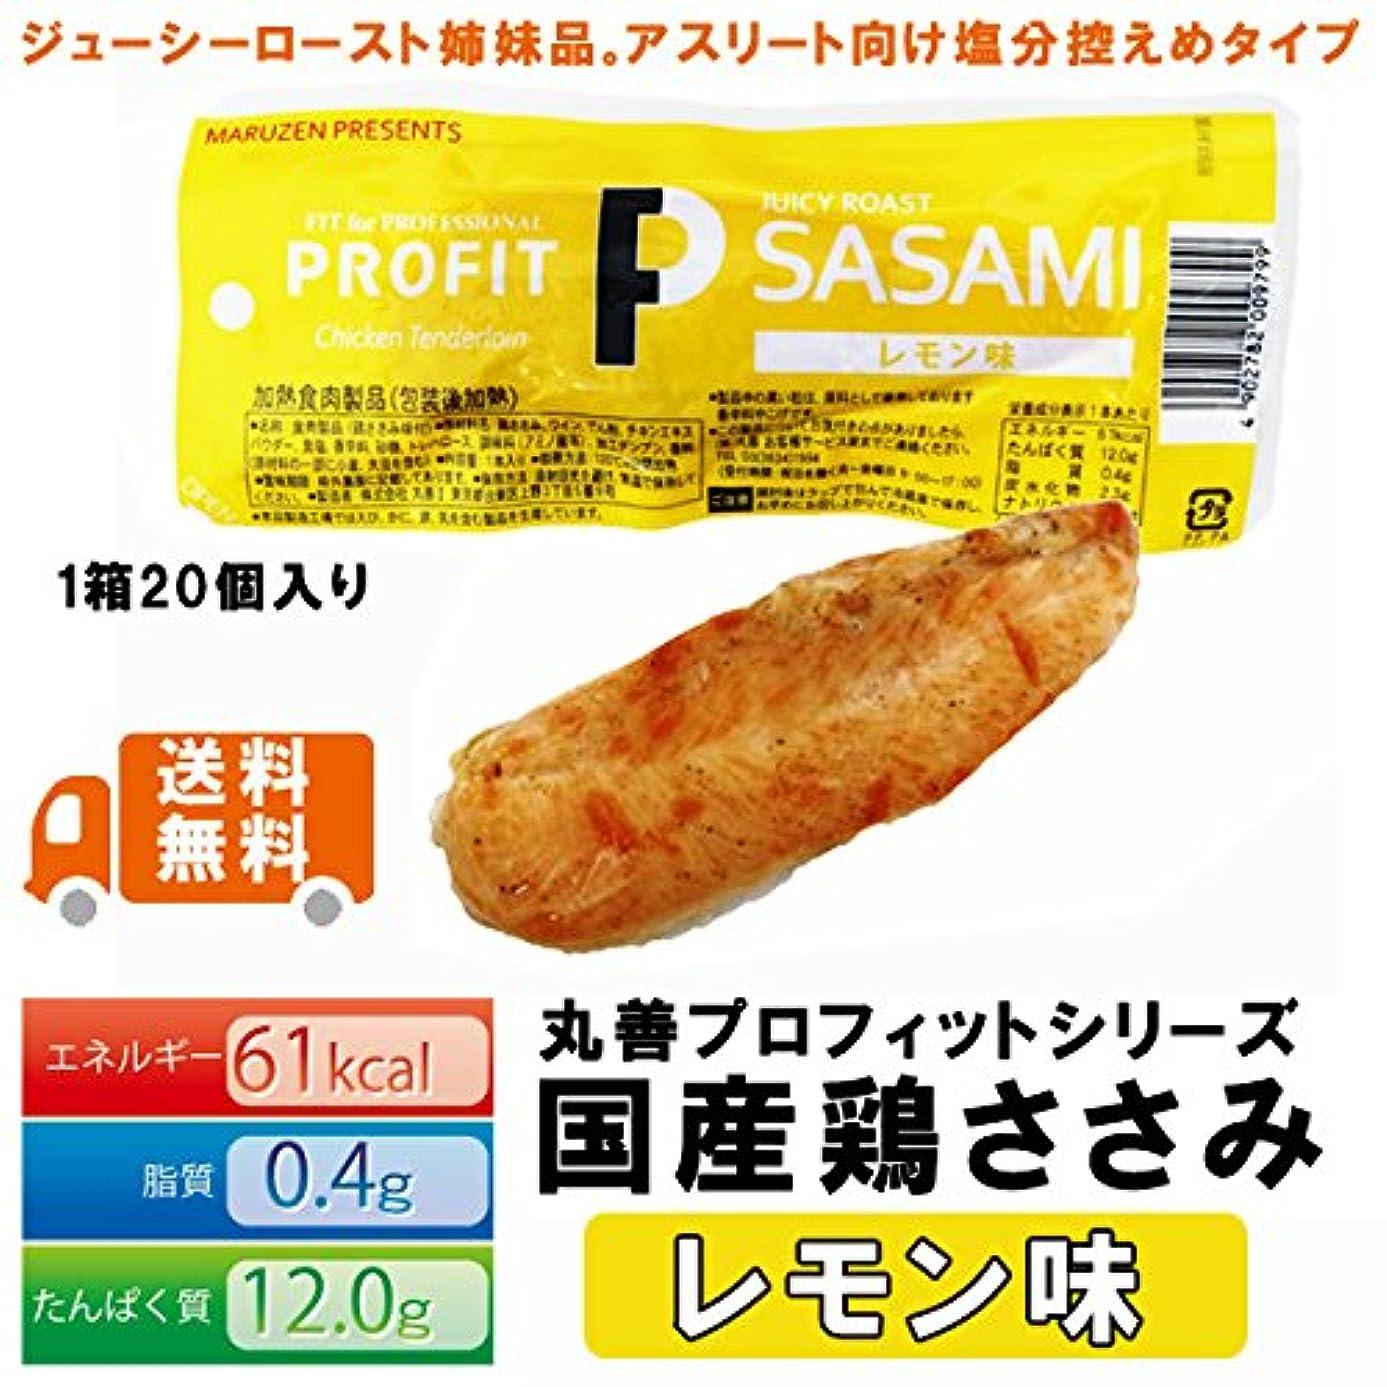 丸善 PRO-FIT プロフィットささみ 鶏ささみ レモン味 1箱20本入り